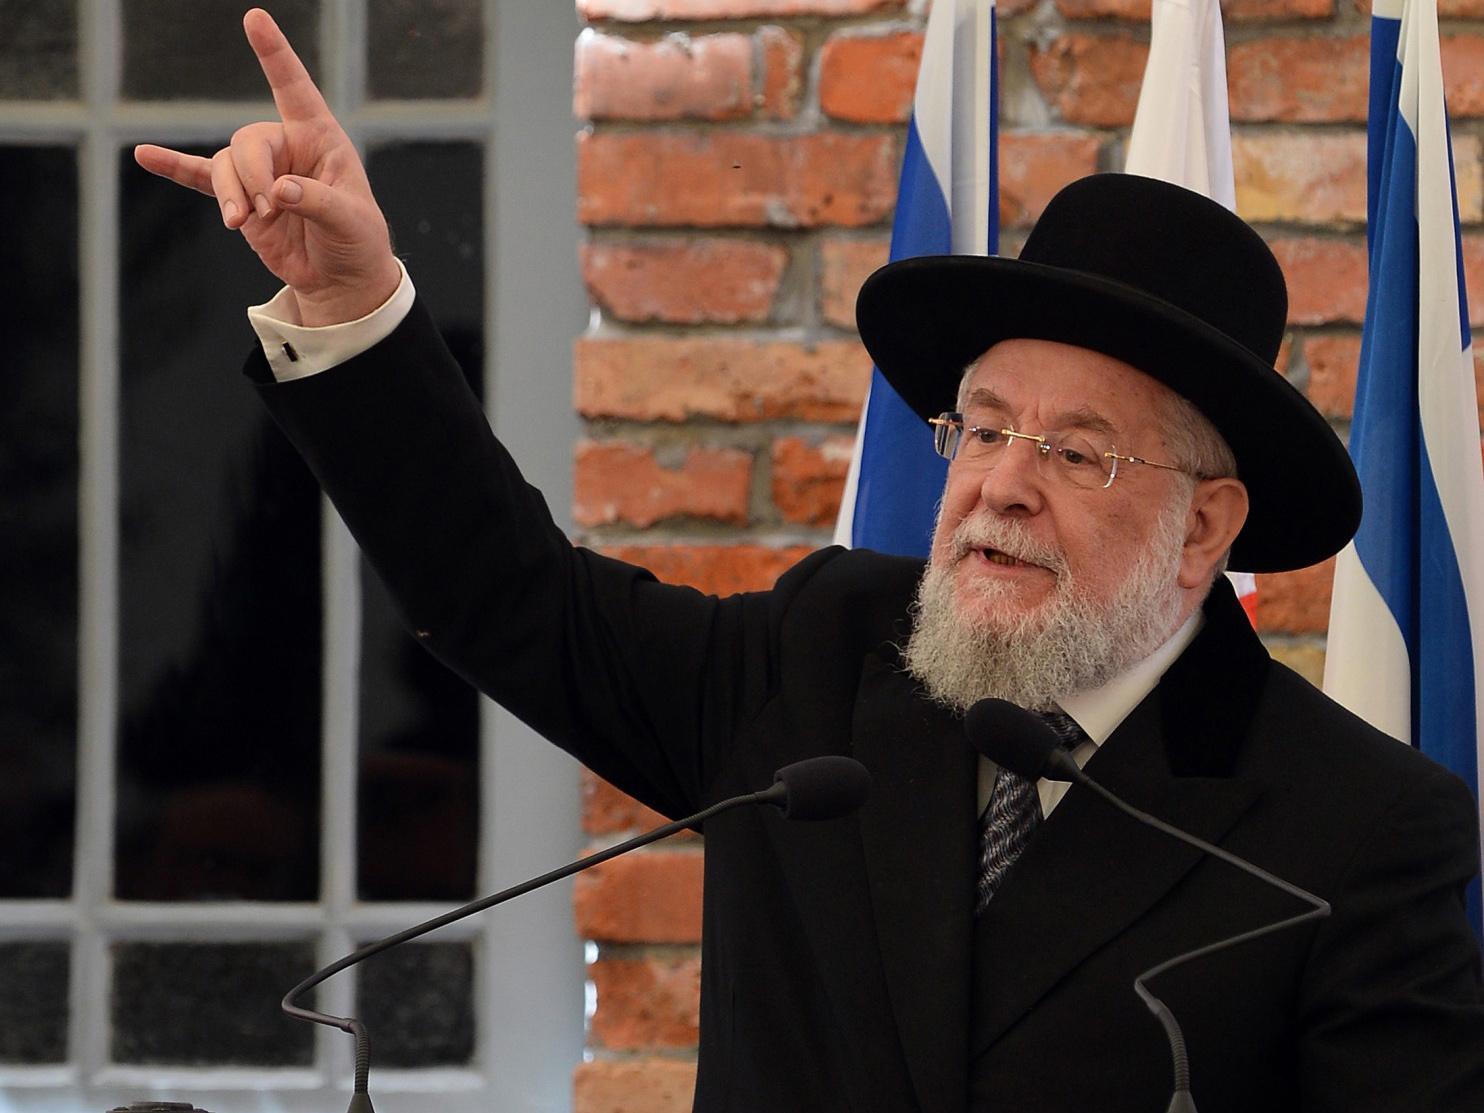 israel u2019s former chief rabbi yisrael meir lau says syrian